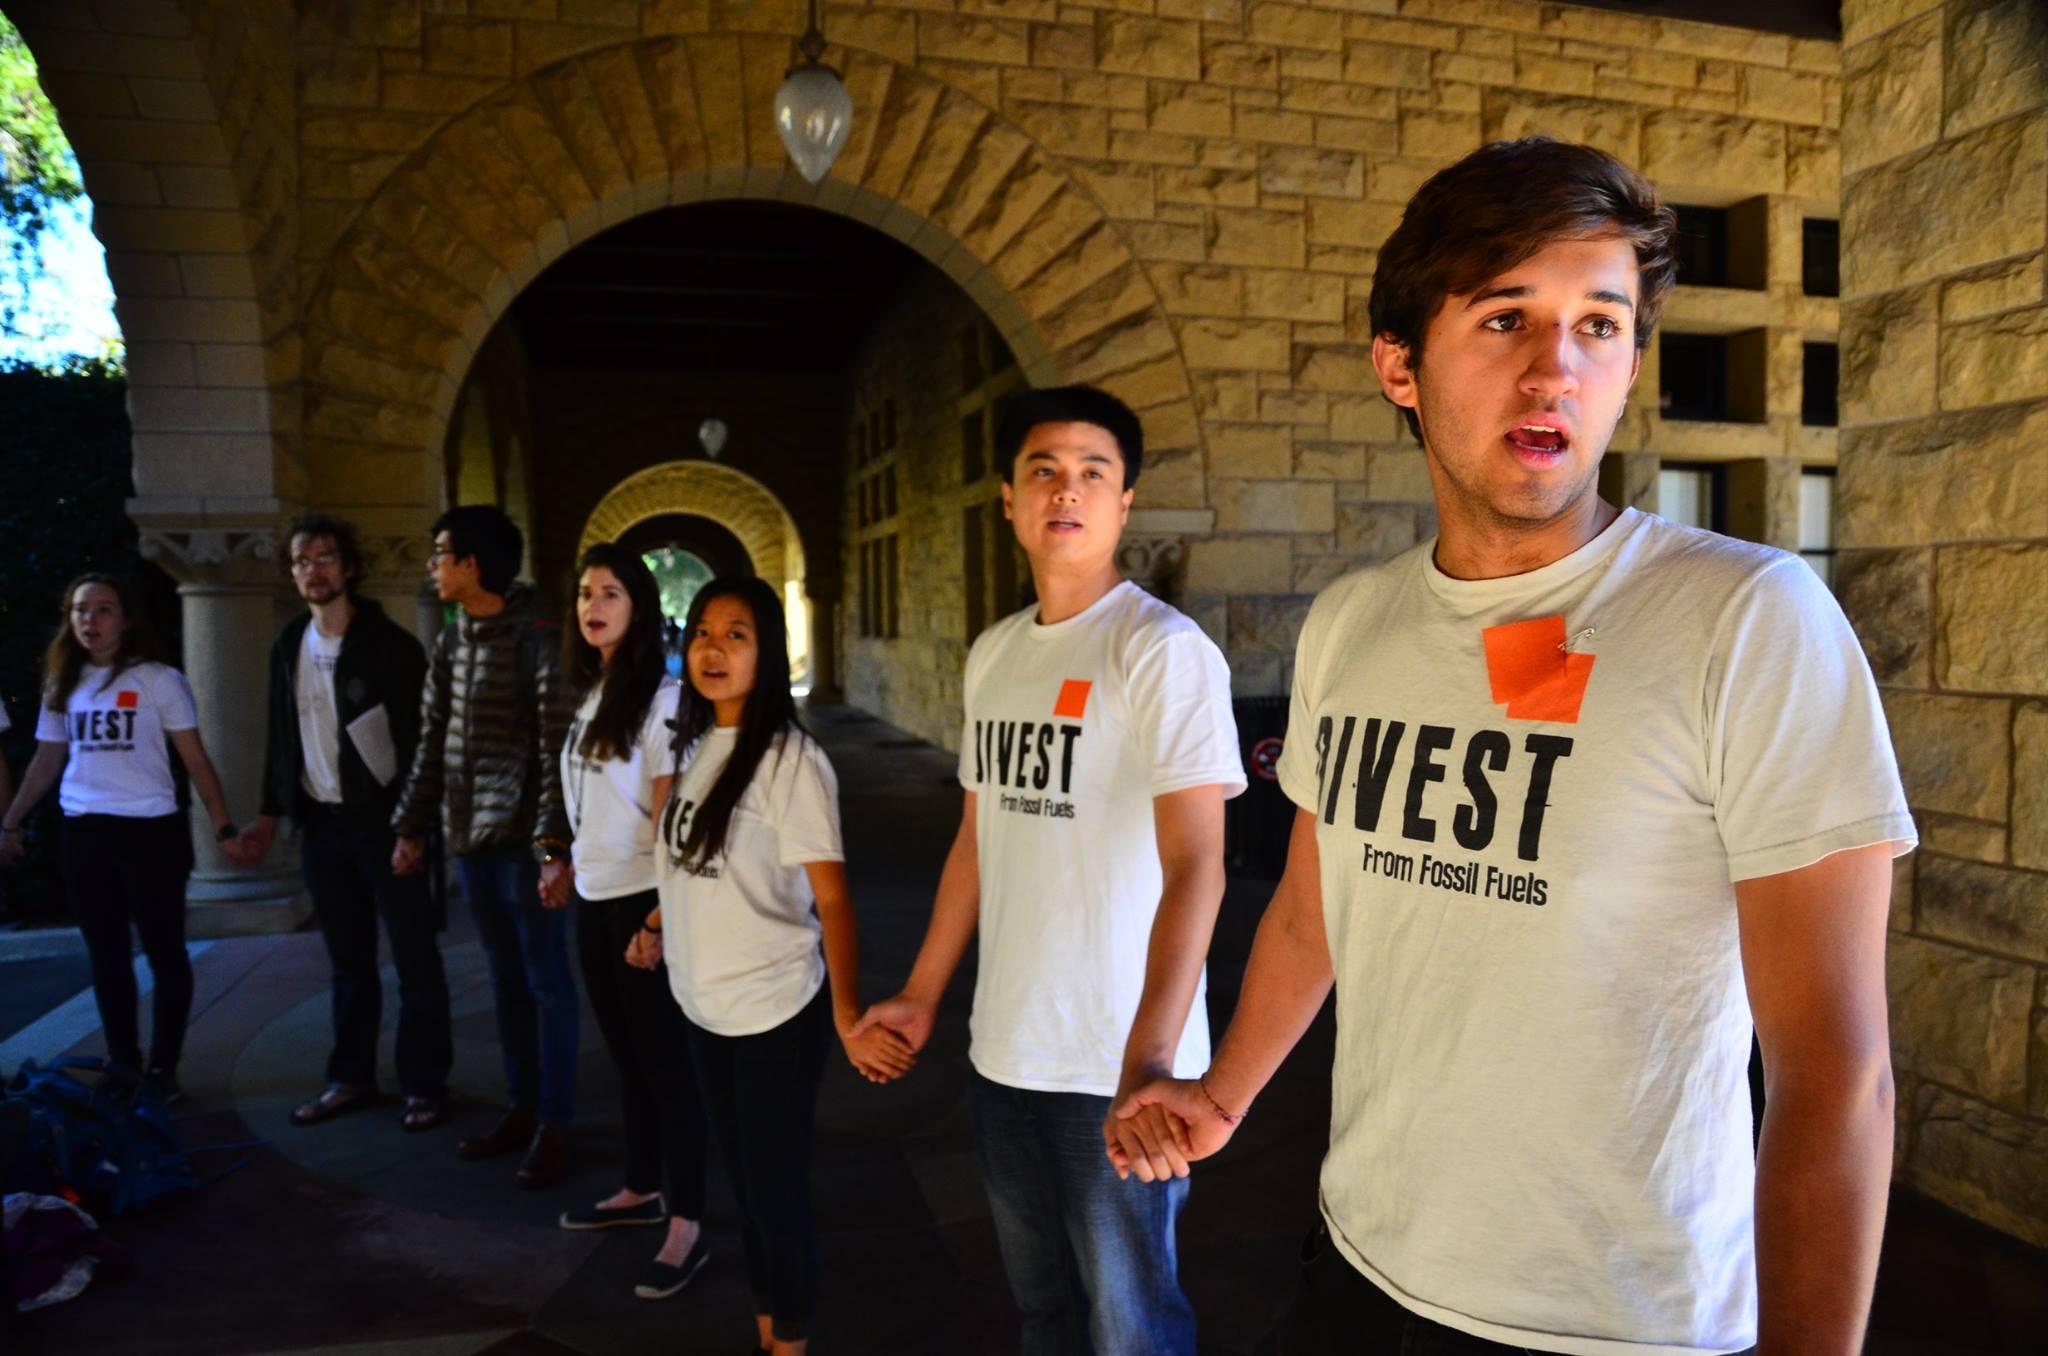 史丹佛無石油組織學生牽手抗議。圖/無石油組織粉絲專業提供